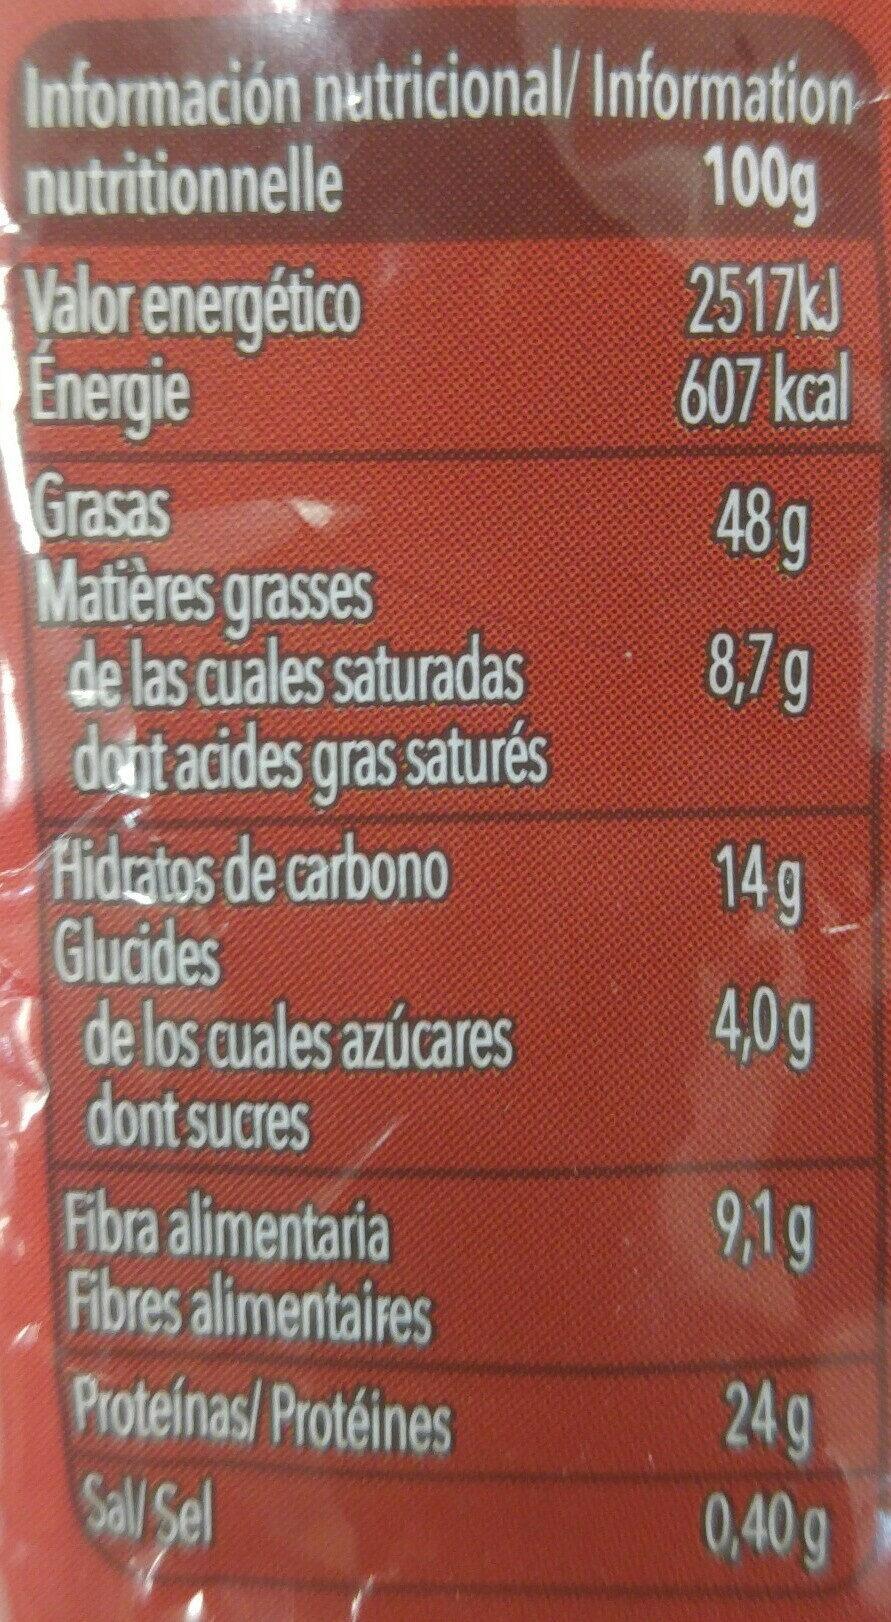 Cacahuetes salados - Información nutricional - es